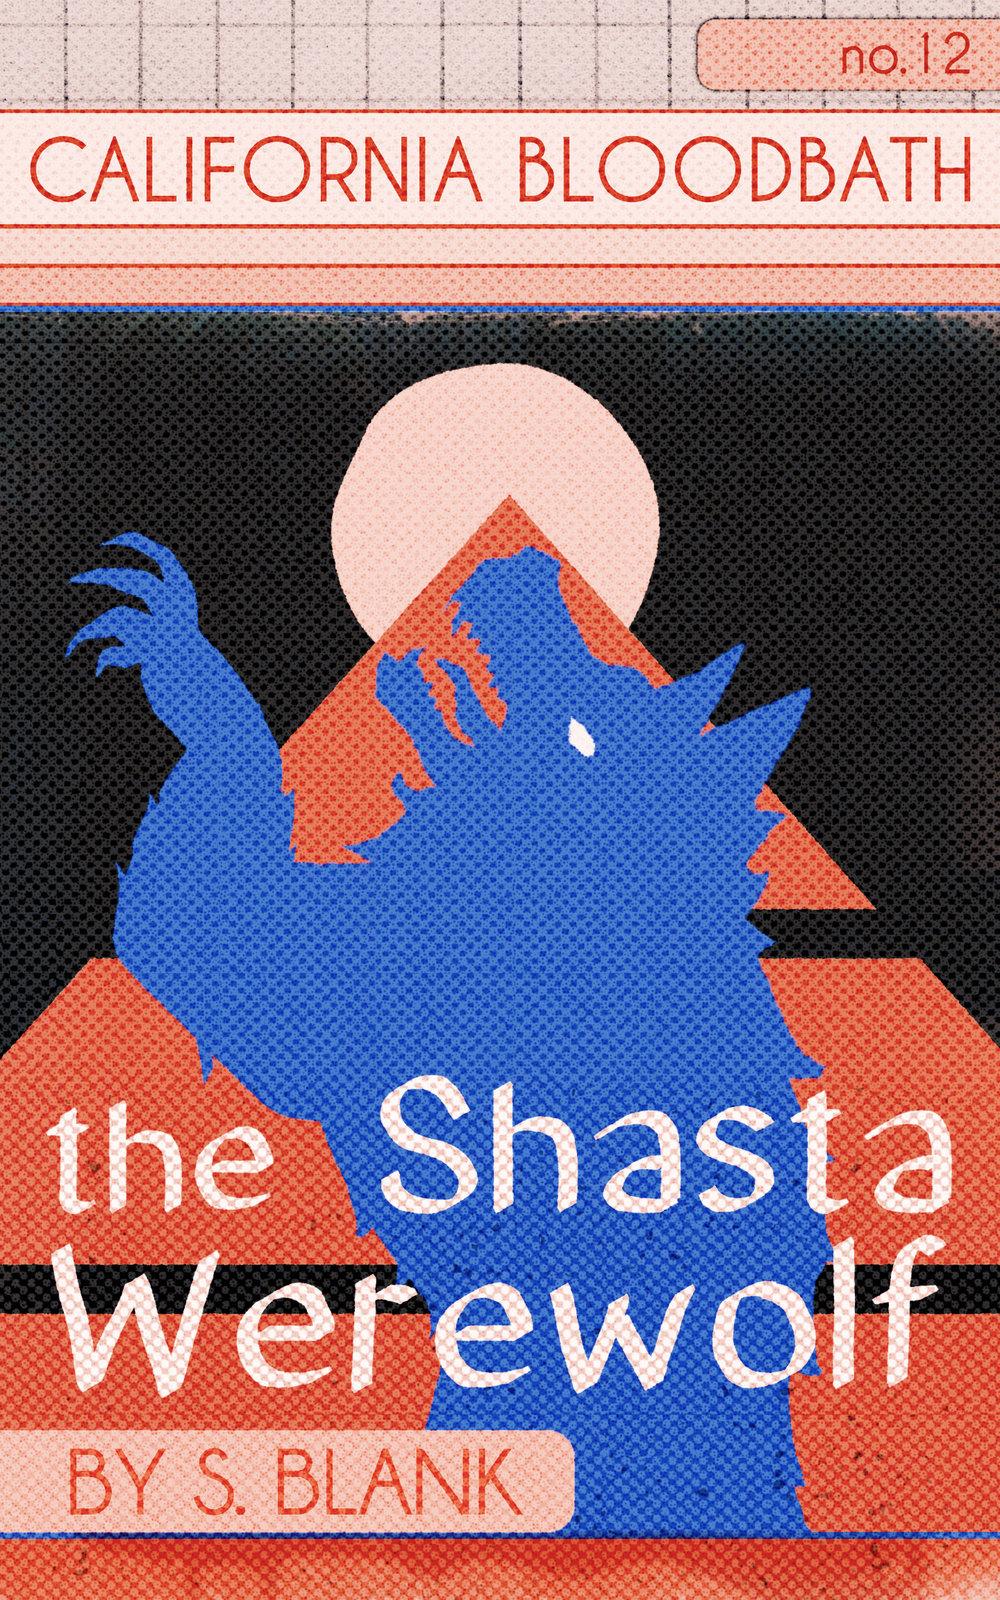 shastaWerewolf3_00046.jpg